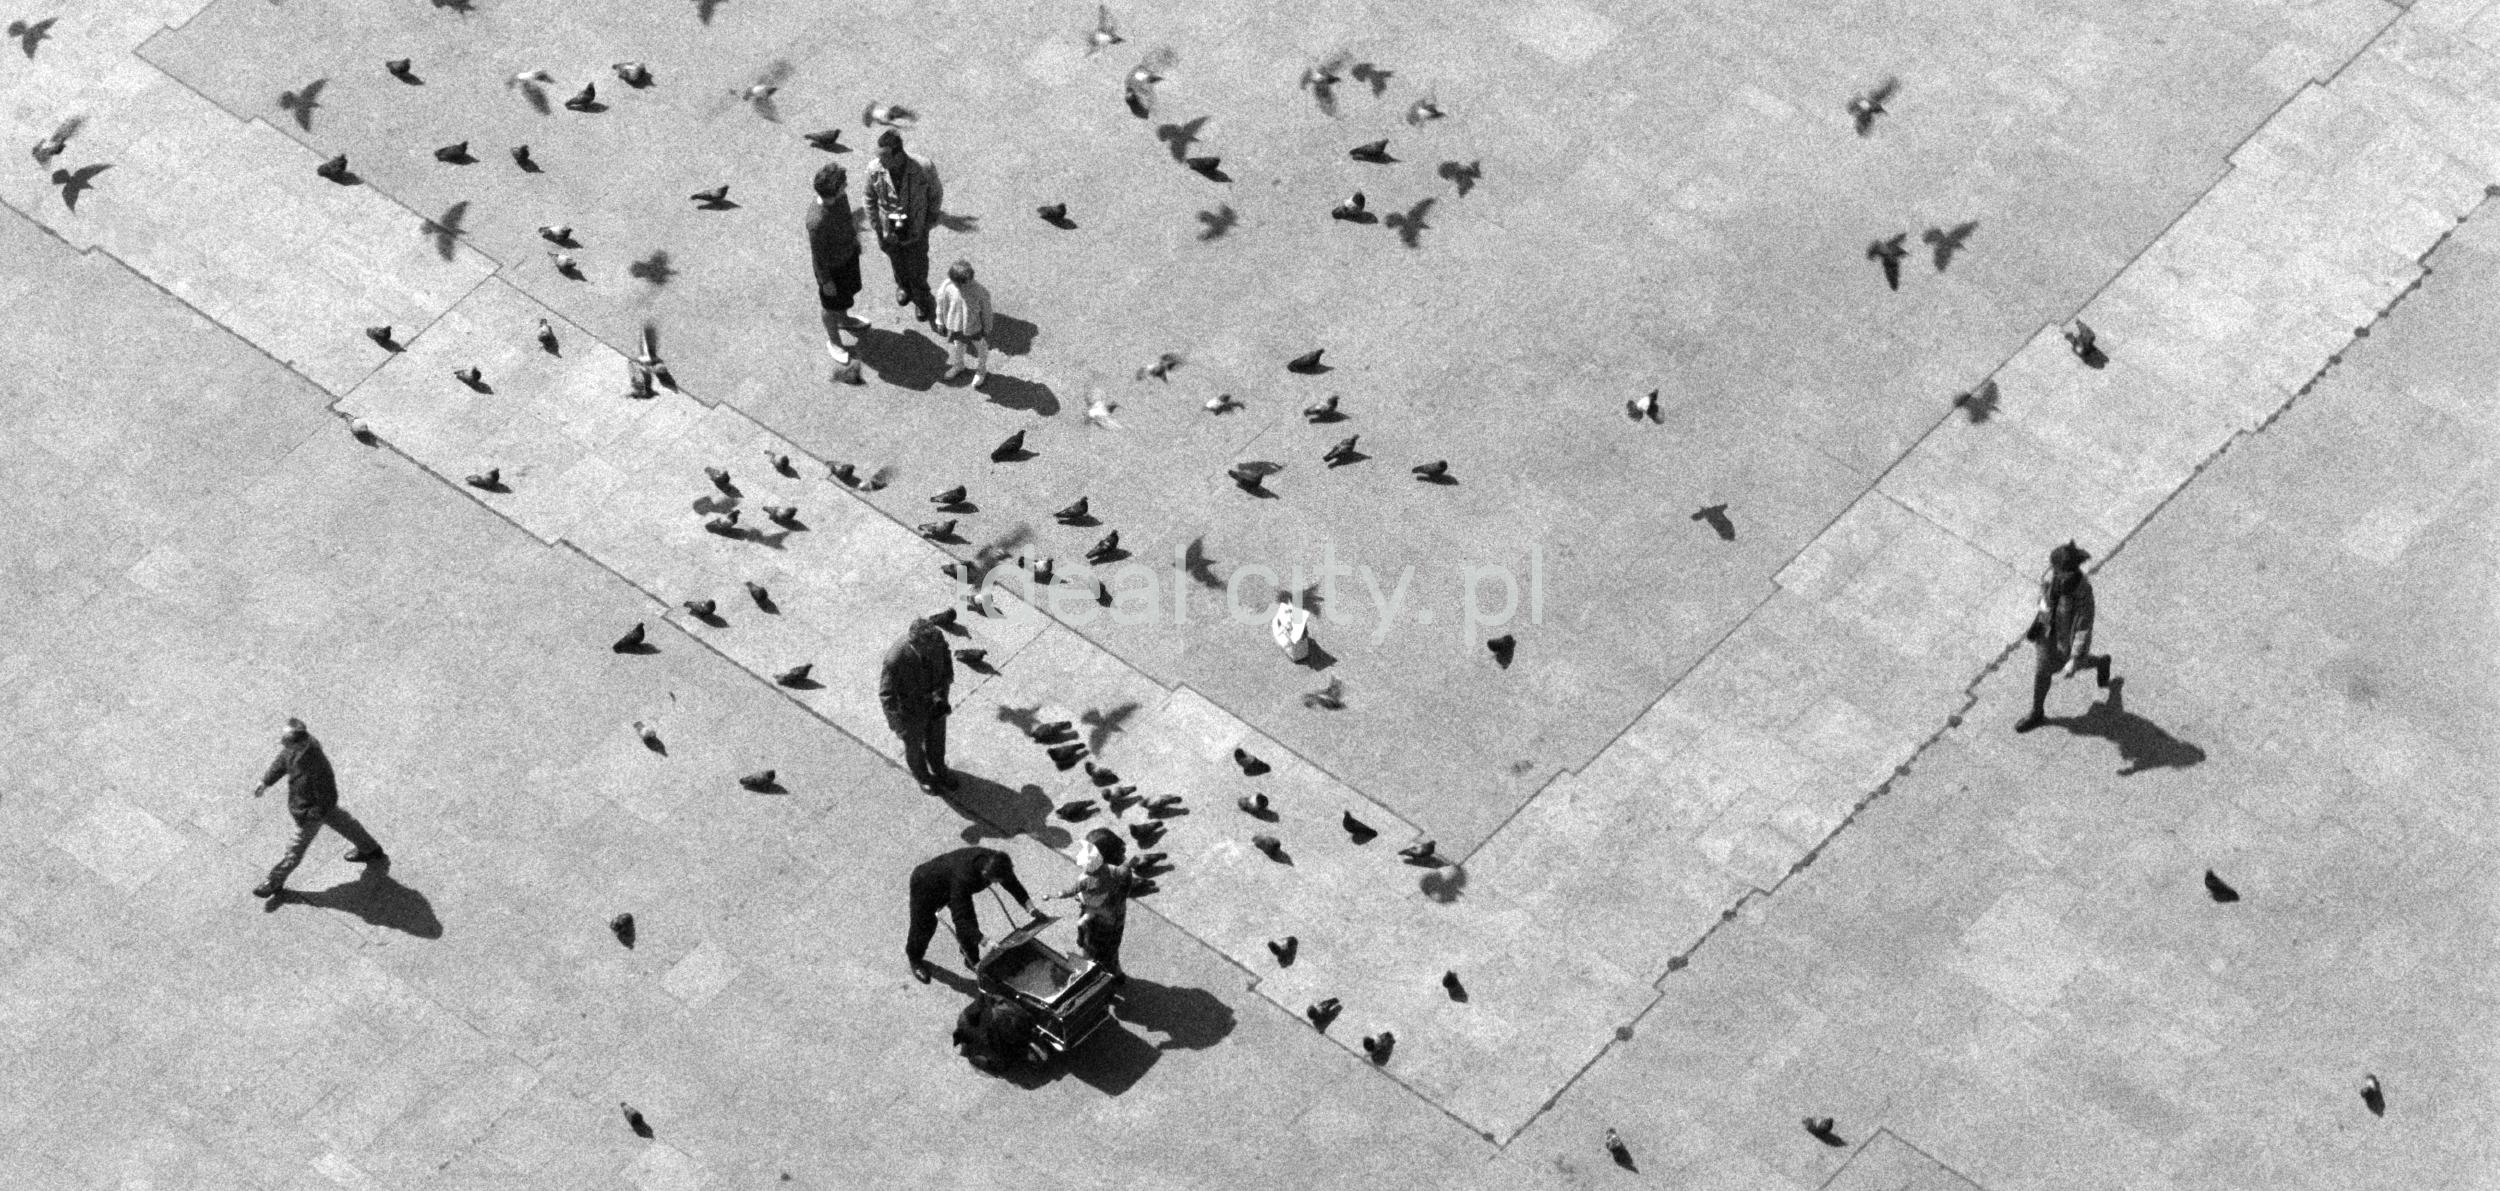 Drobne sylwetki ludzi widziane z góry, pomiędzy nimi gołębie.